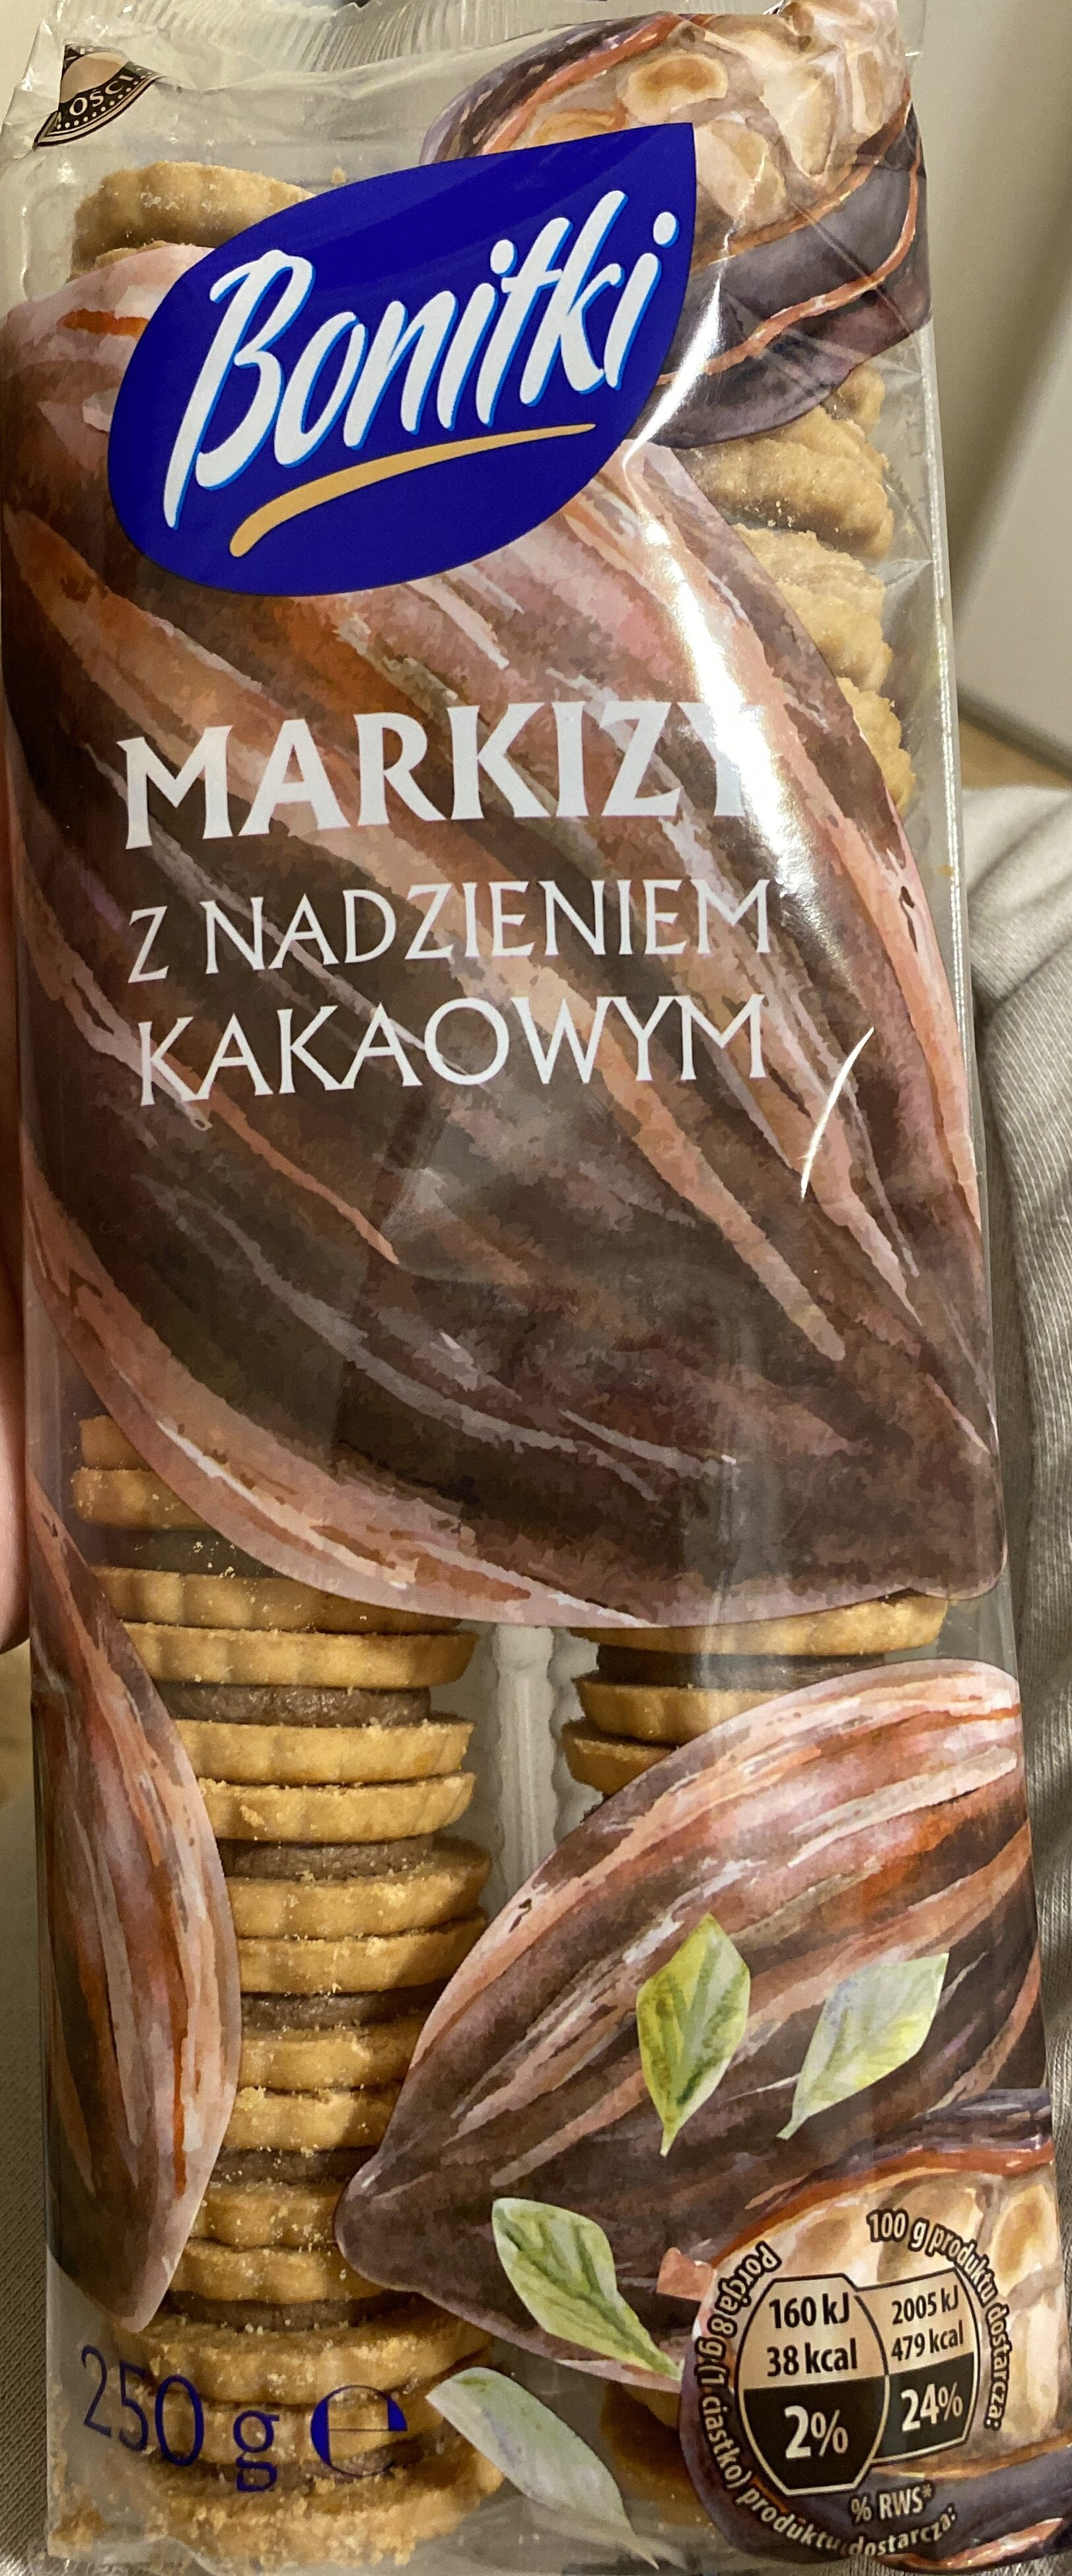 Markizy ciastka z nadzieniem kakaowym (25%) - Product